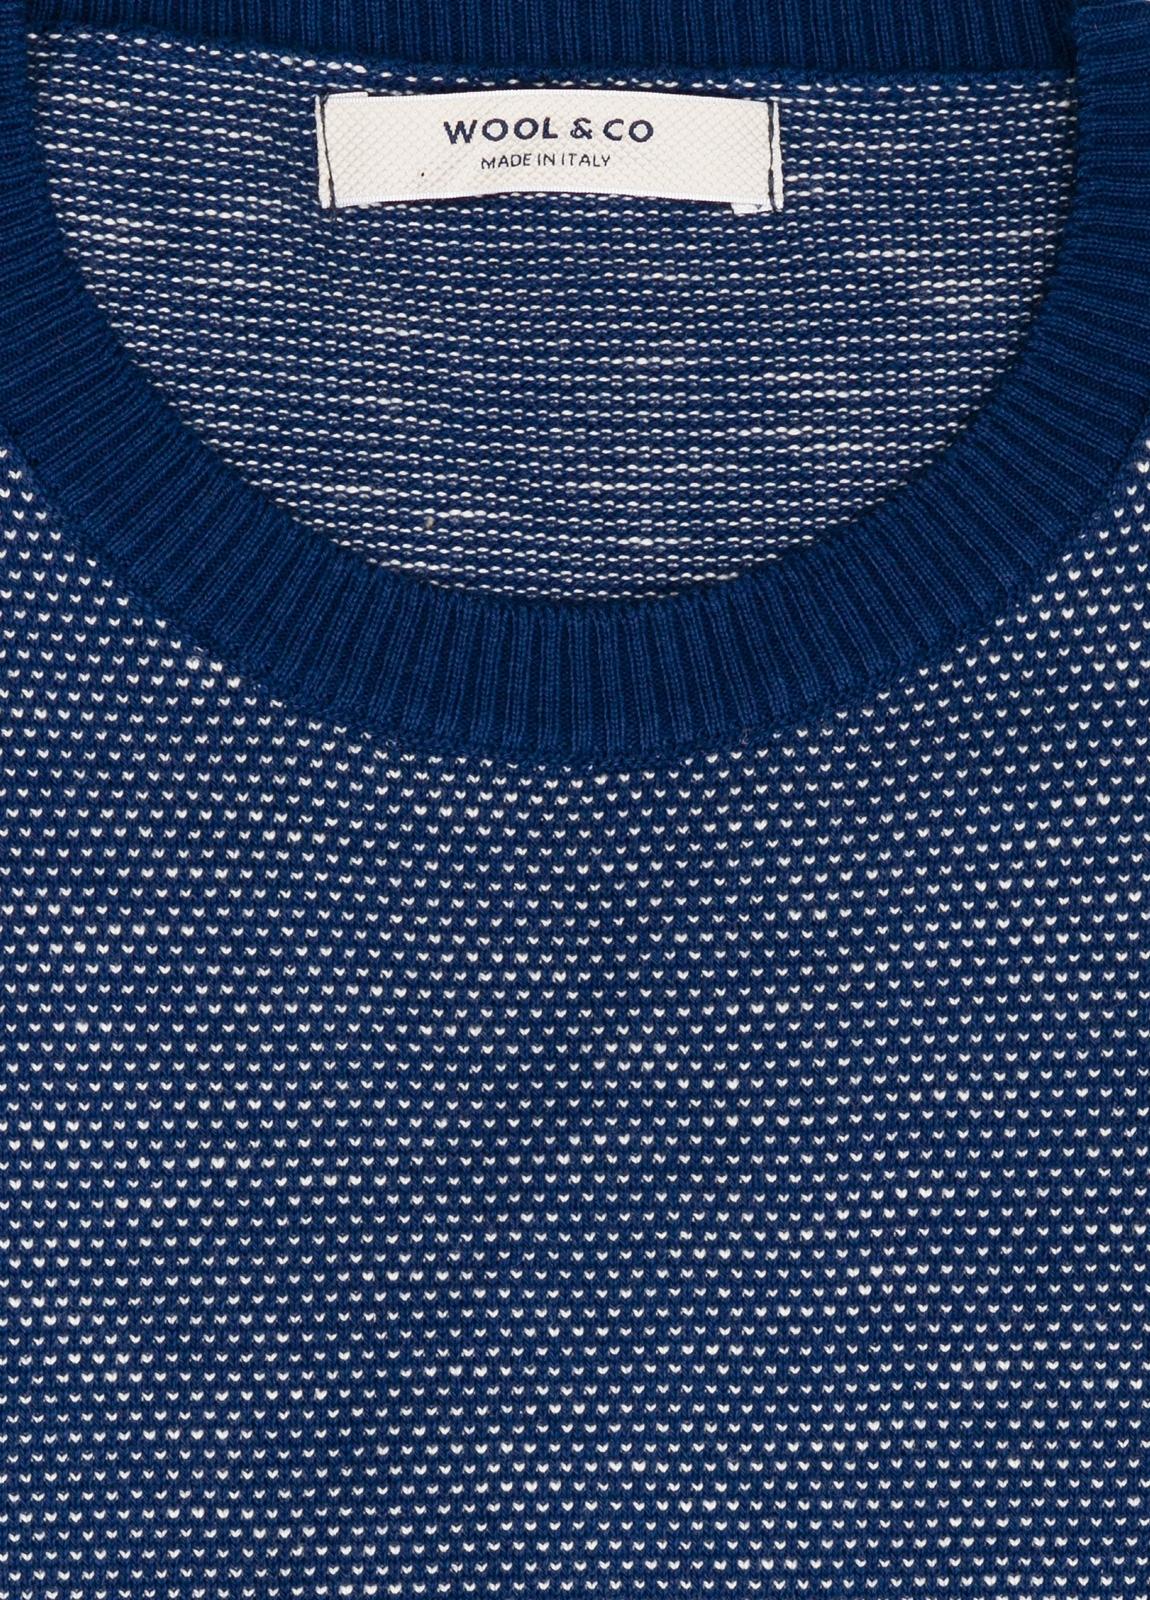 Jersey cuello redondo color azul. 100% algodón. - Ítem2